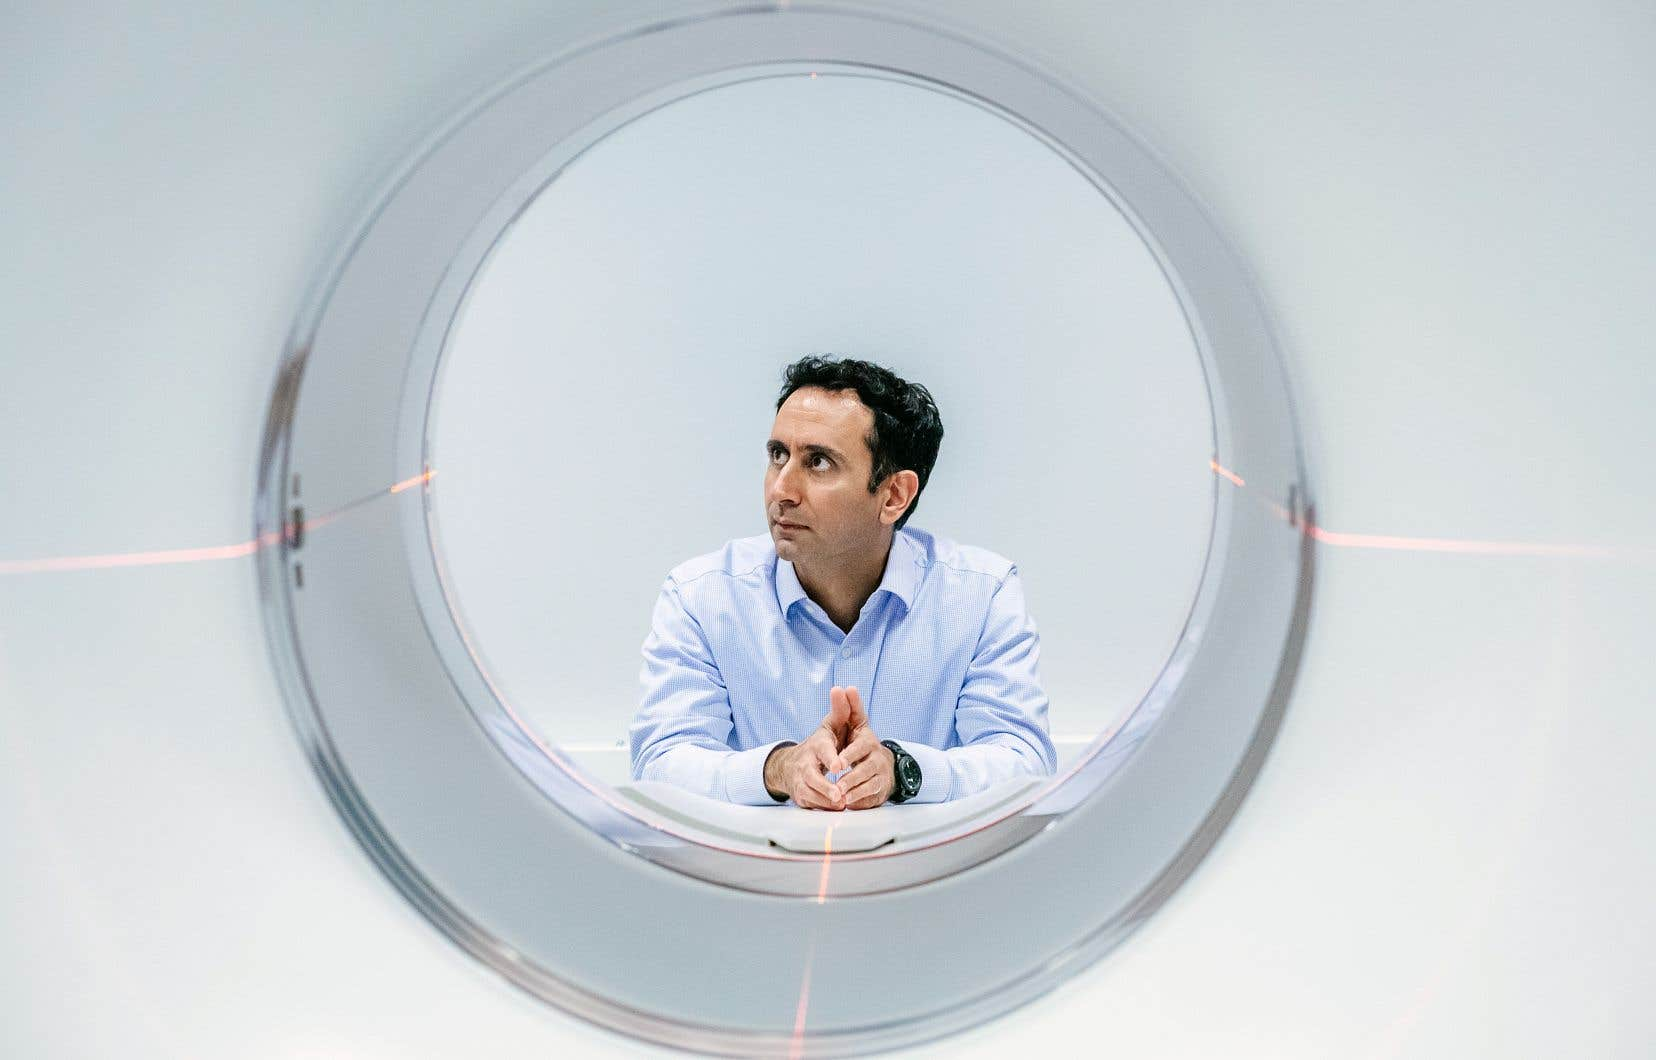 Hassan Rivaz, titulaire de la Chaire de recherche de l'Université Concordia en analyse des images médicales